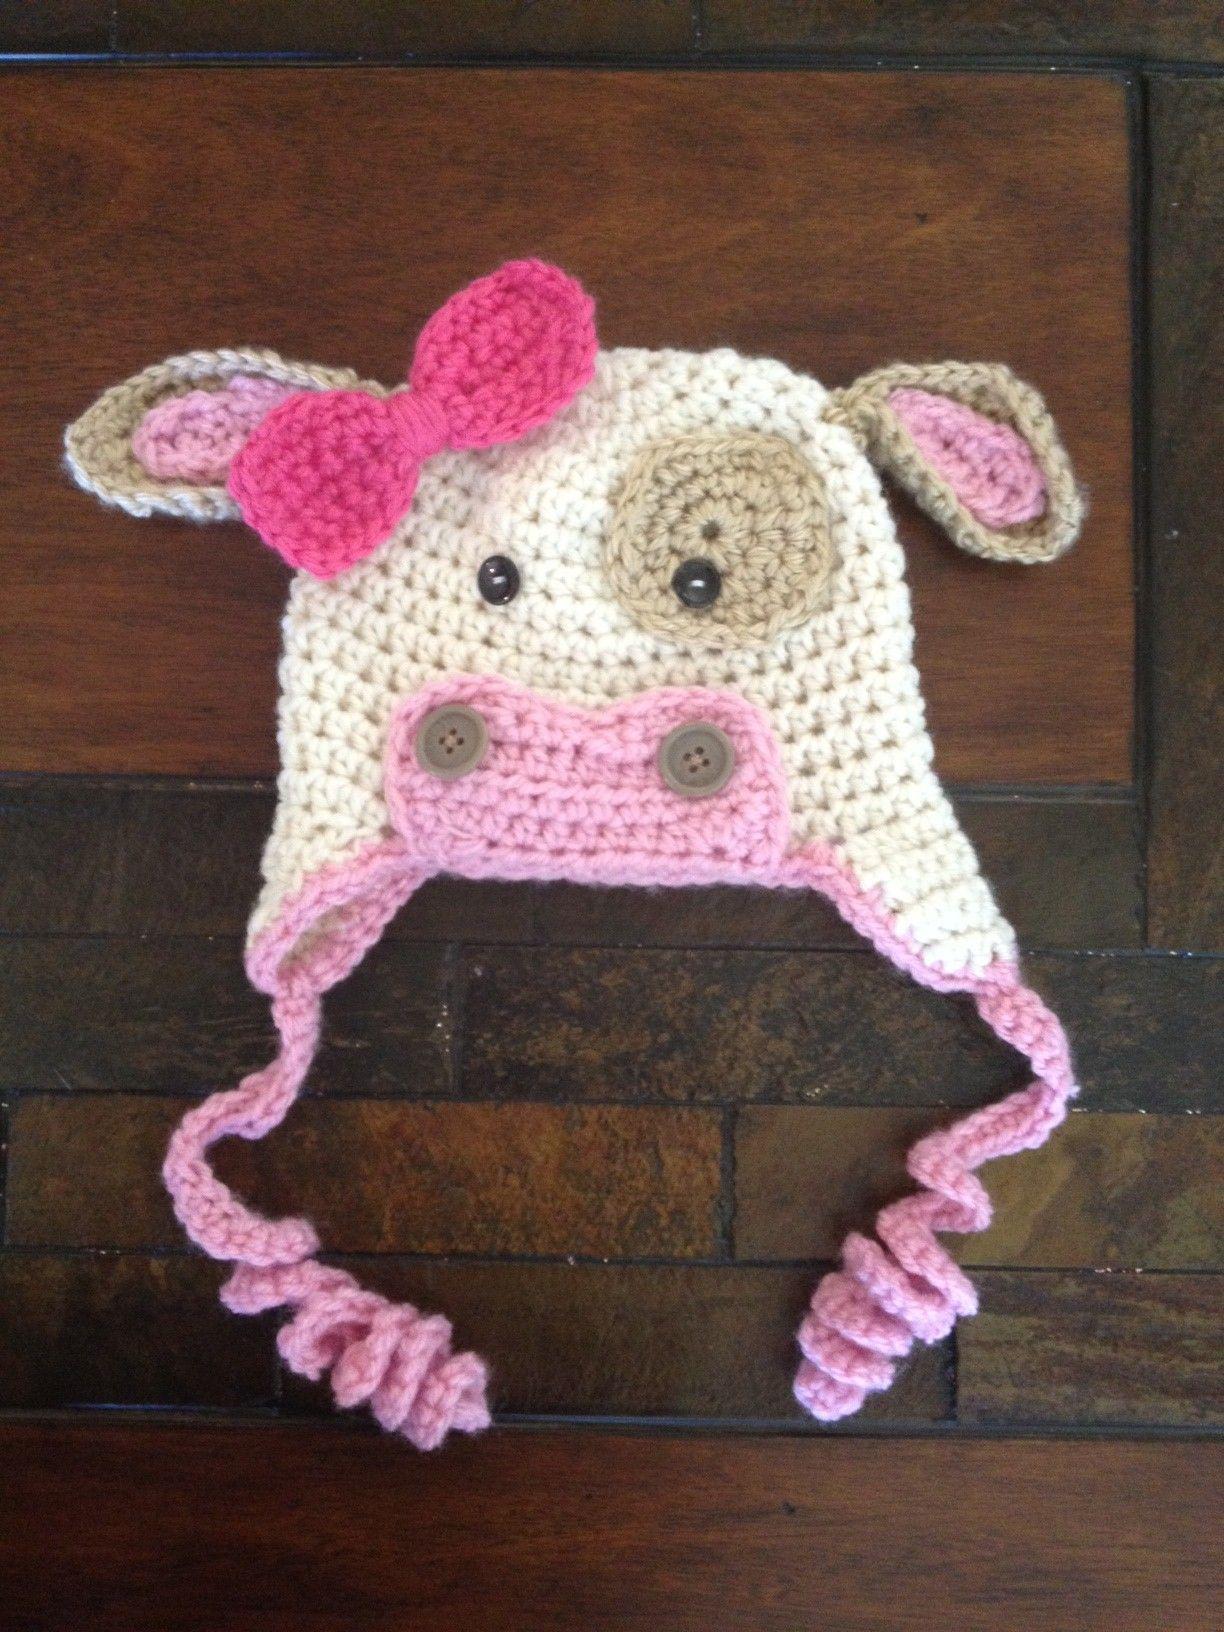 Crochet Pattern Cow Hat : Crochet Cow hat yummies Pinterest